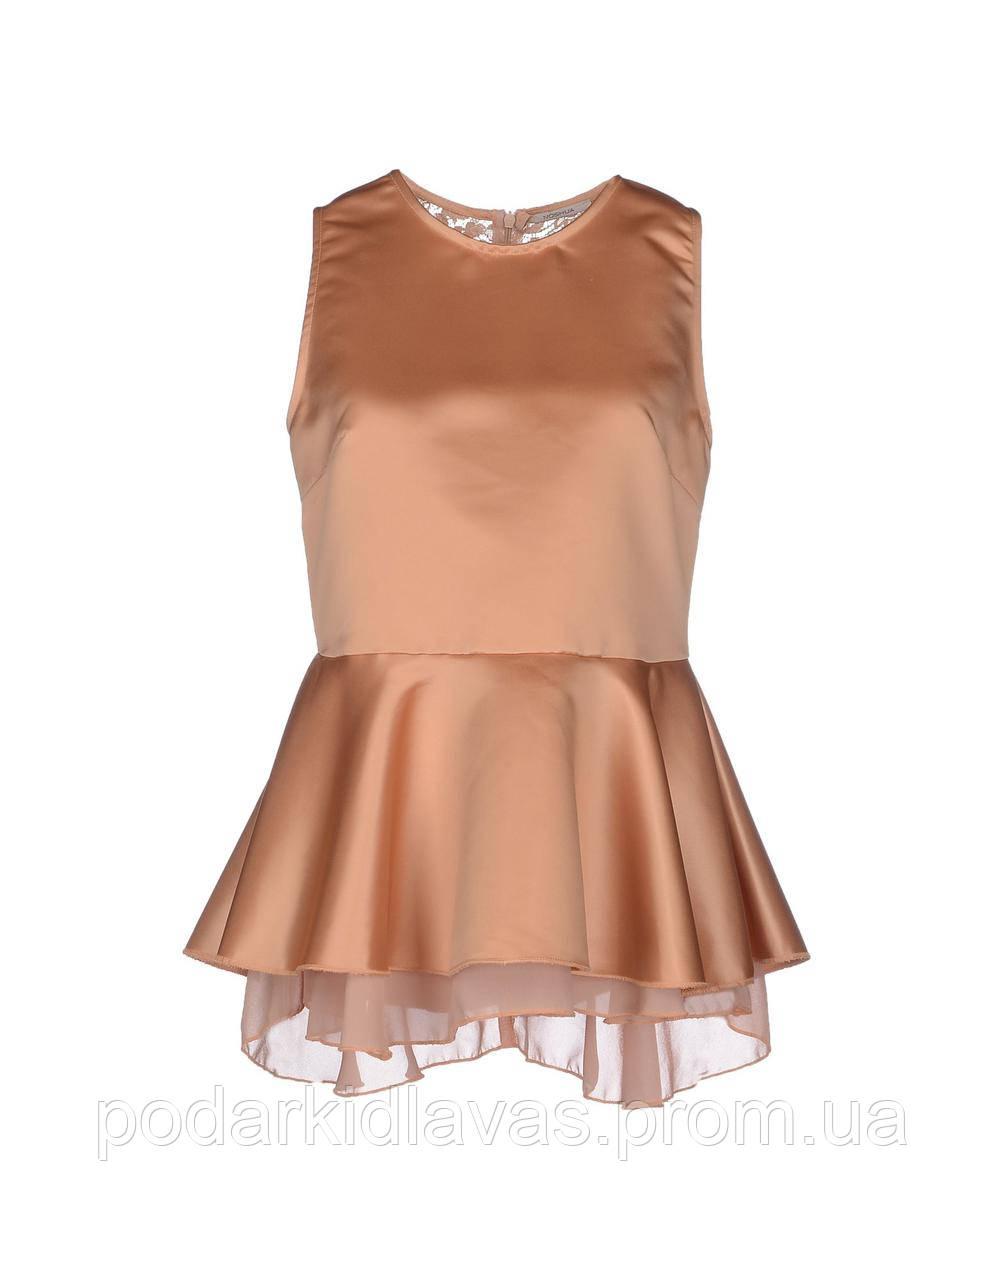 Нарядная атласная блуза итальянского бренда NOSHUA 44р